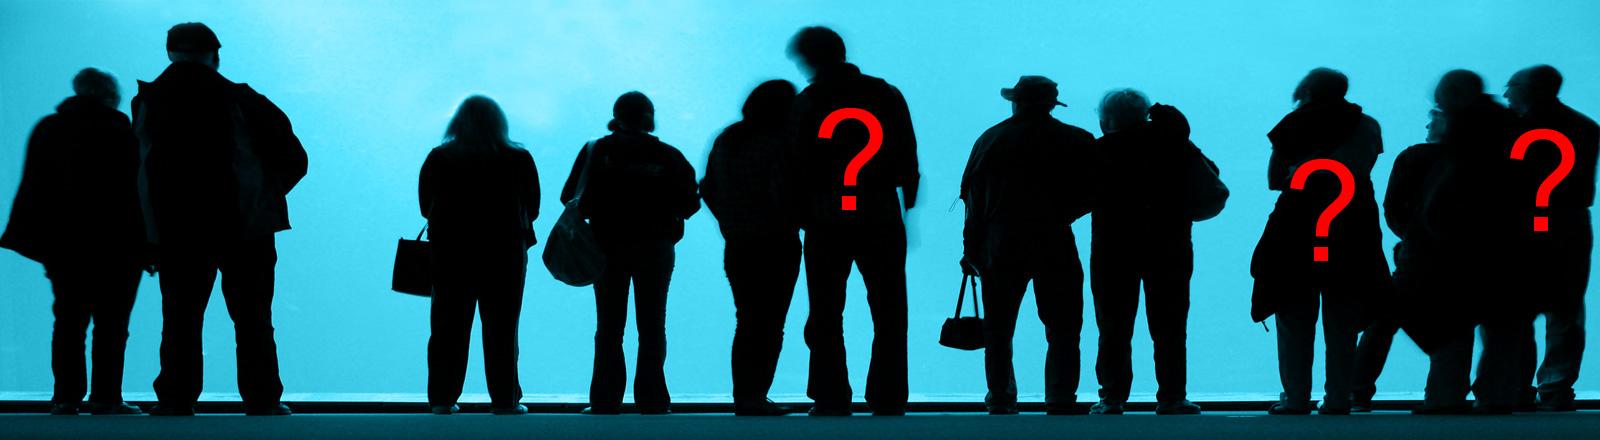 Silhouette mehrerer Menschen.